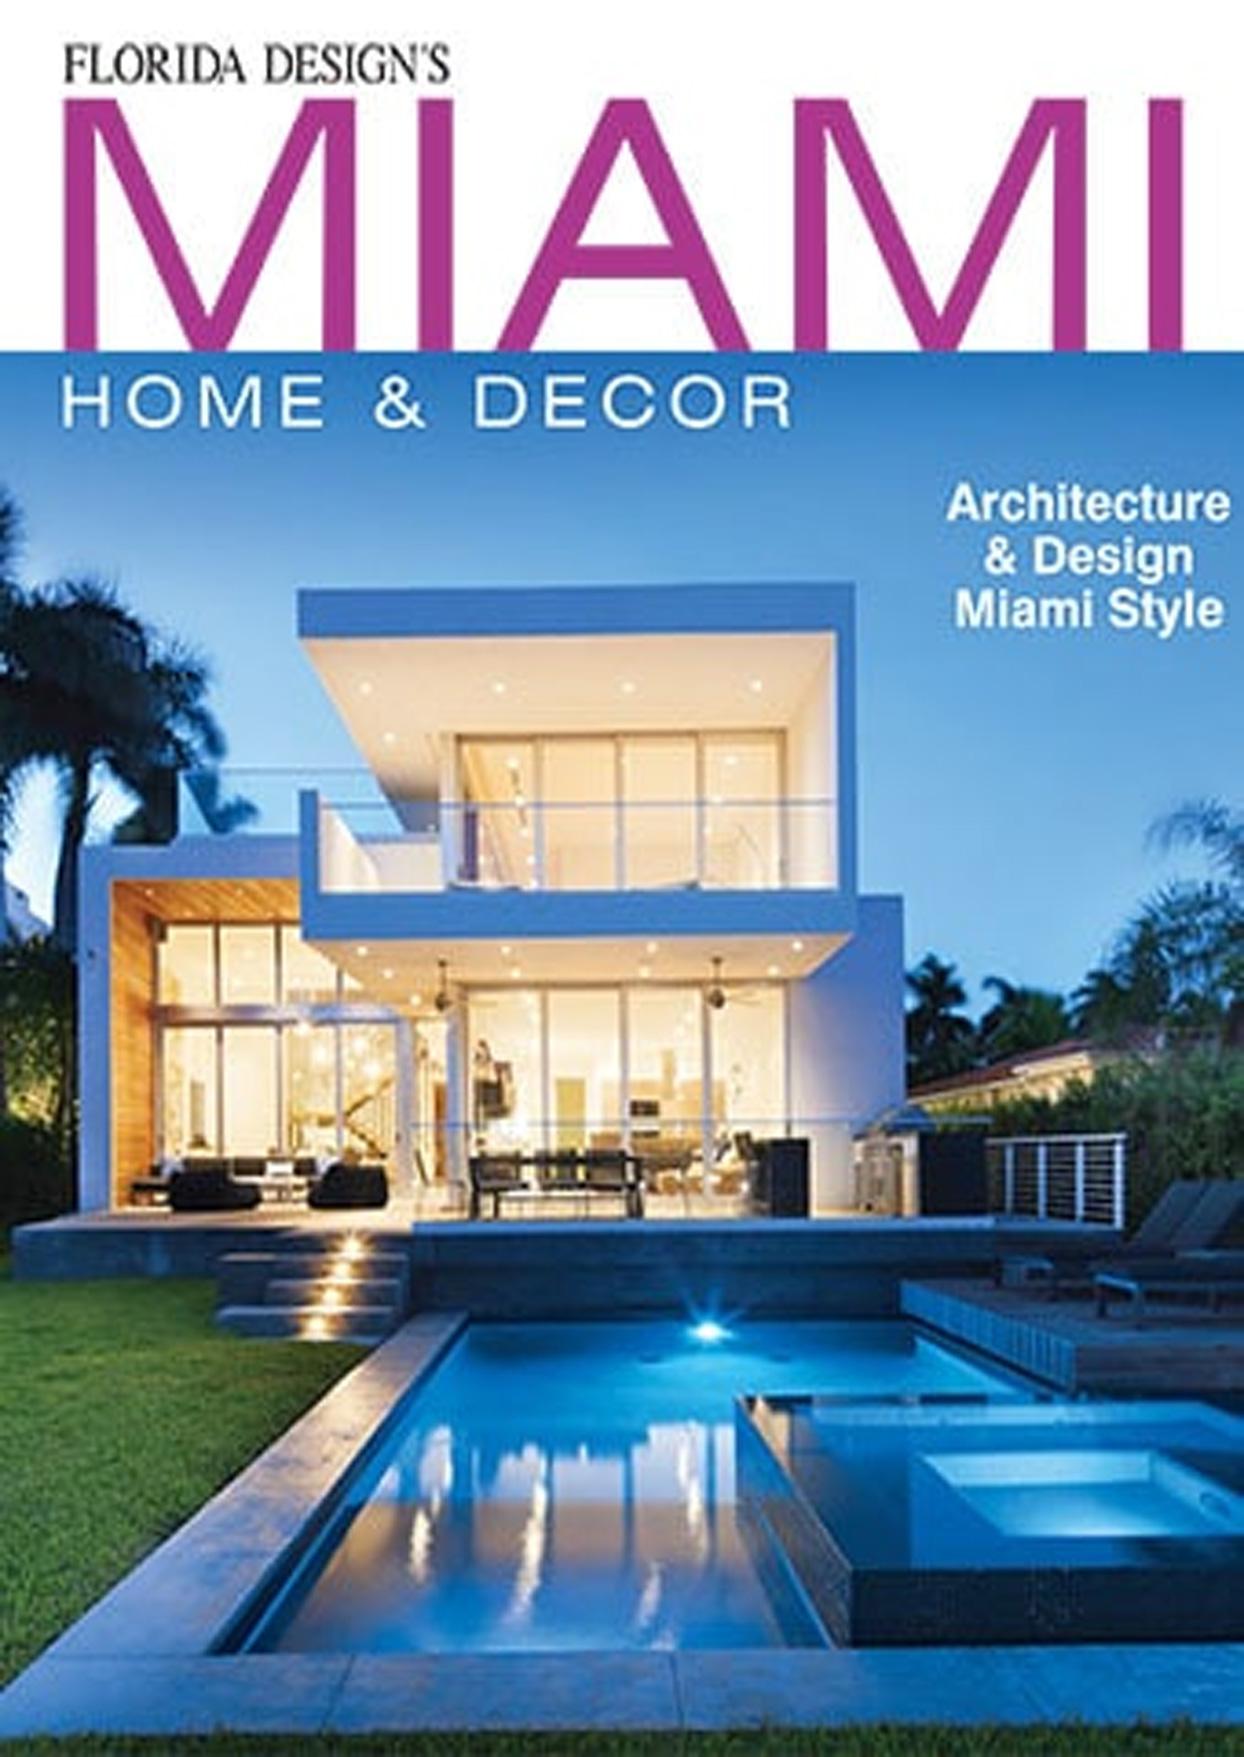 florida designs miami home and decor